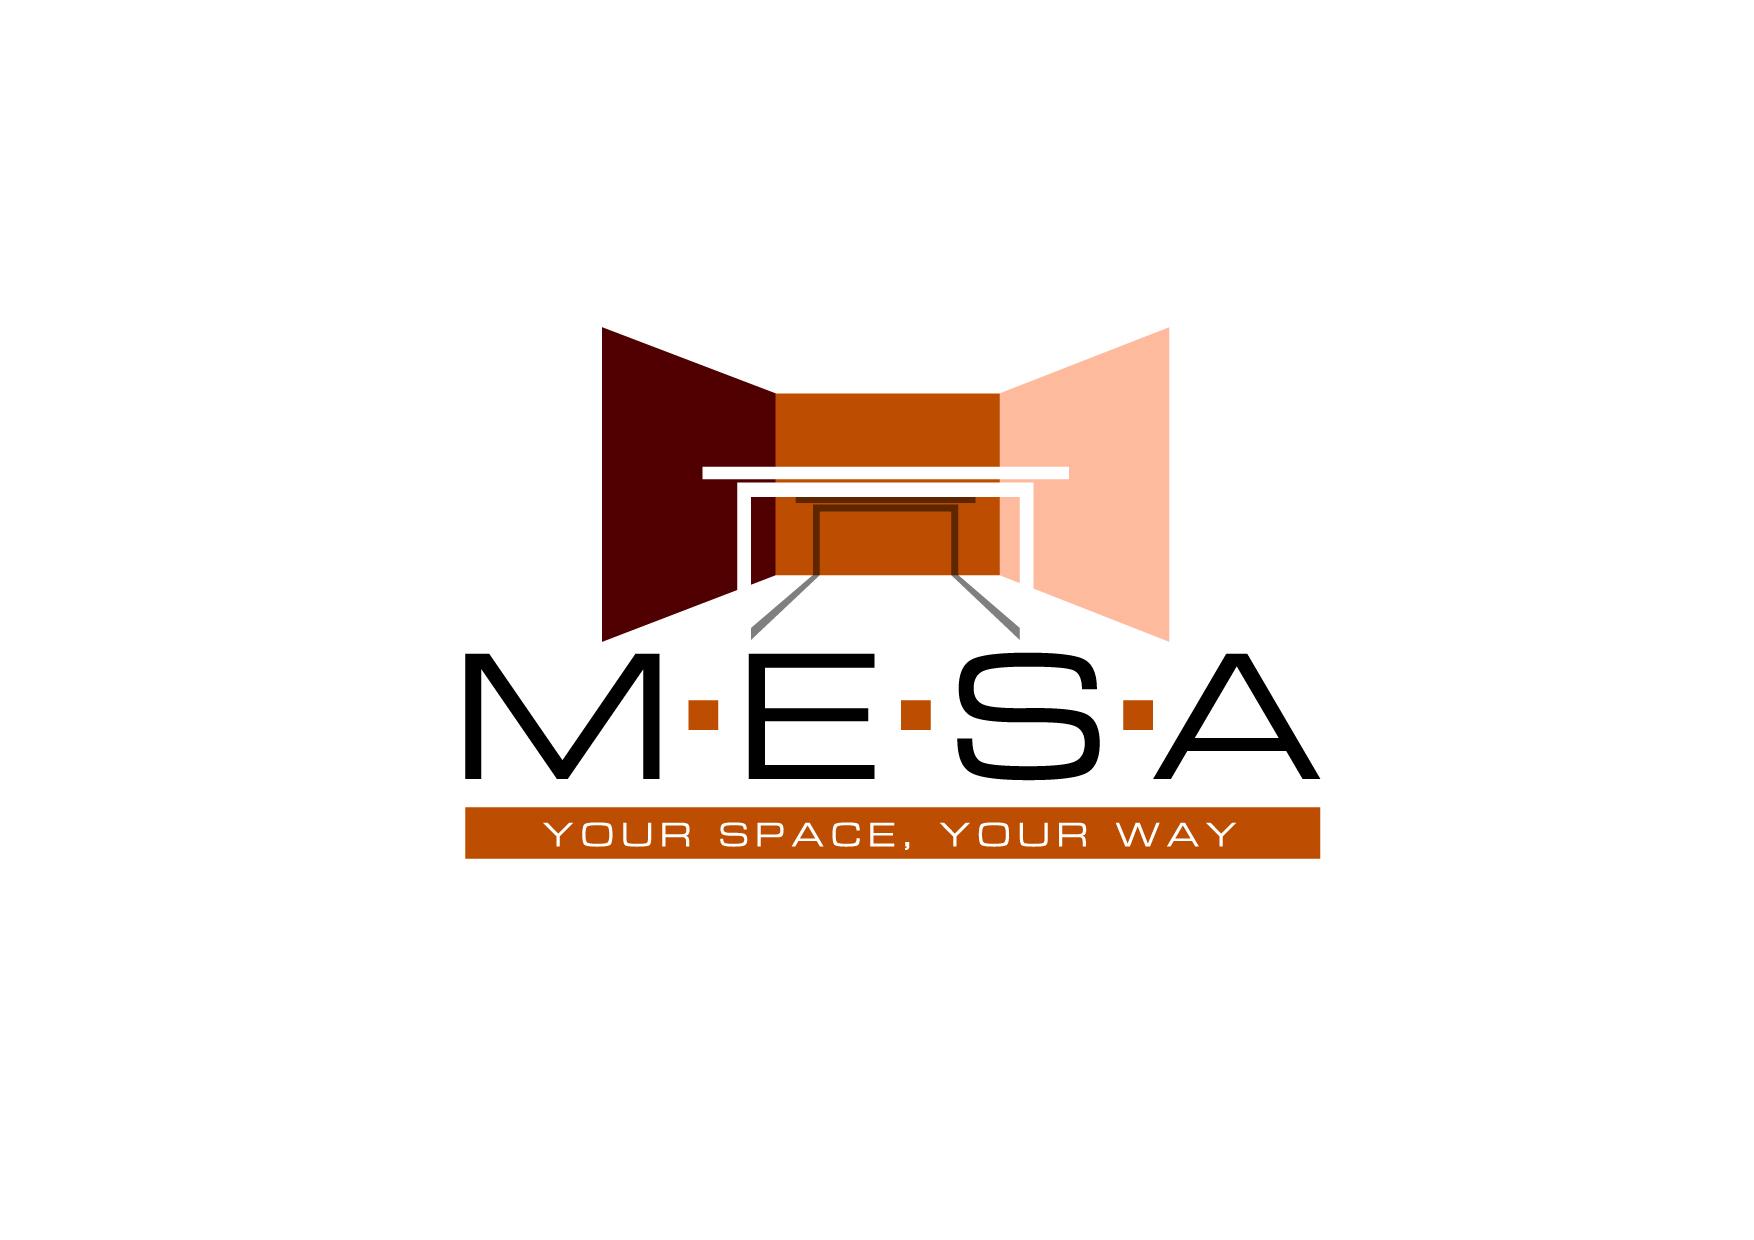 Logo Design by Wilfredo Mendoza - Entry No. 165 in the Logo Design Contest Logo Design for Mesa.